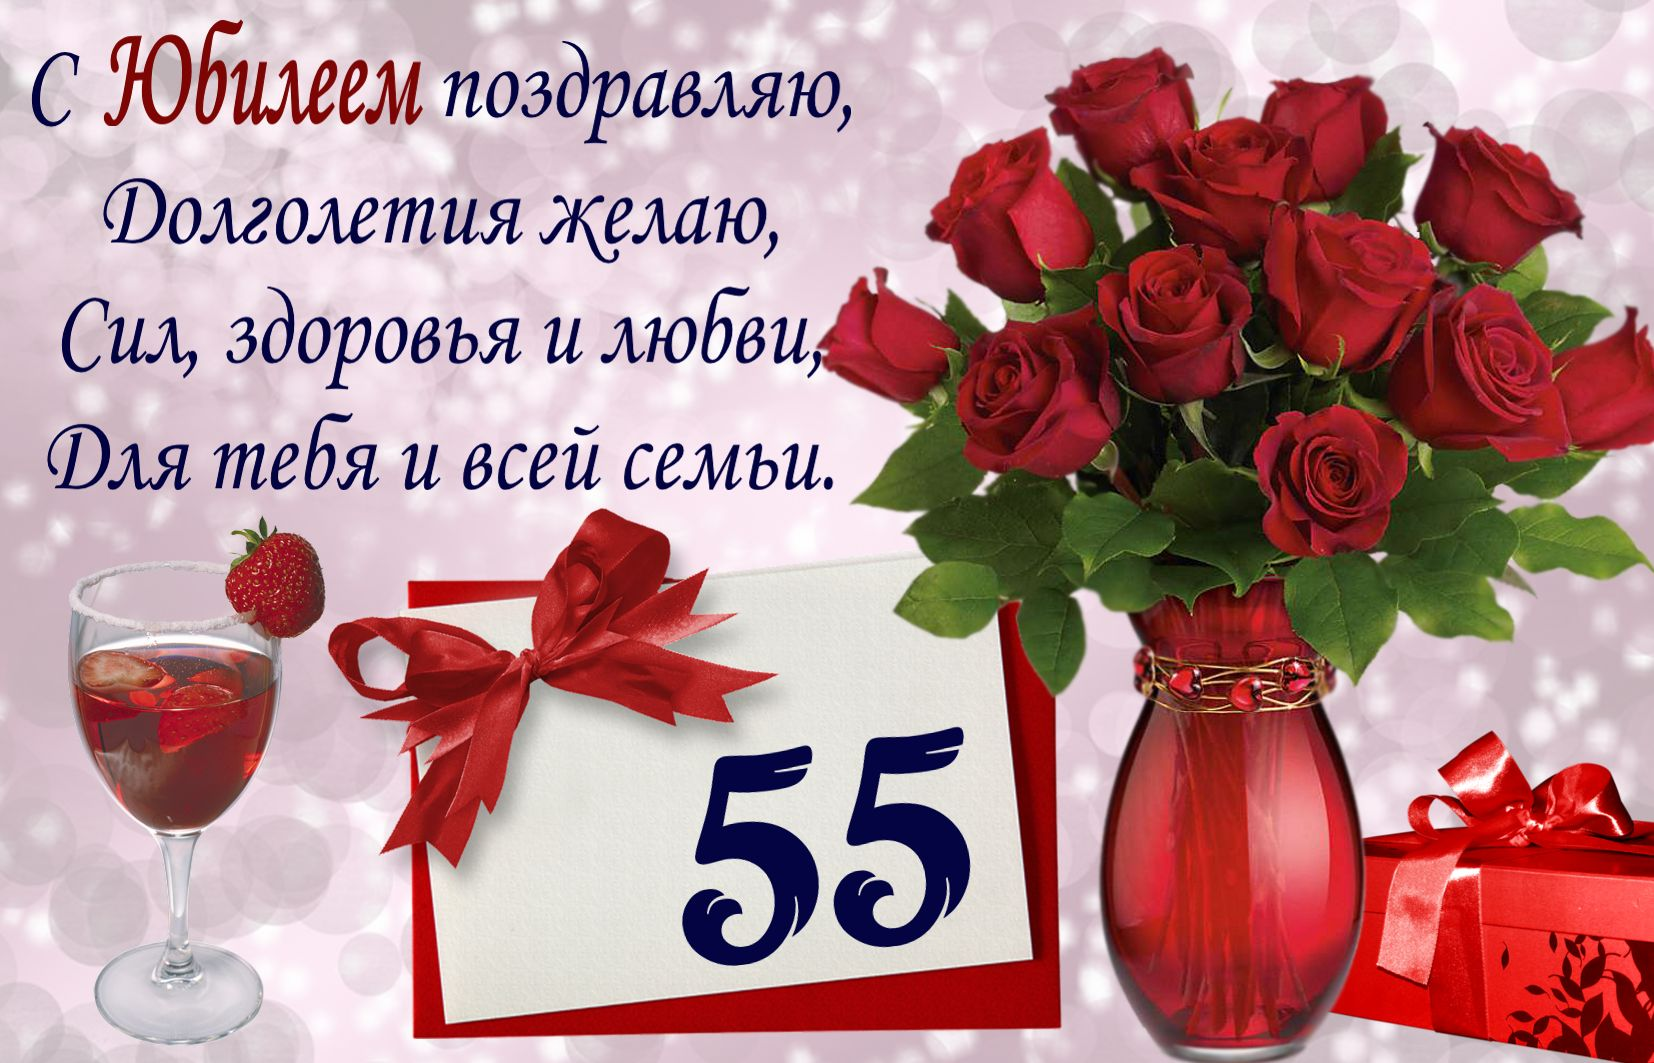 Поздравление на юбилей мужчине на 55 лет женщине